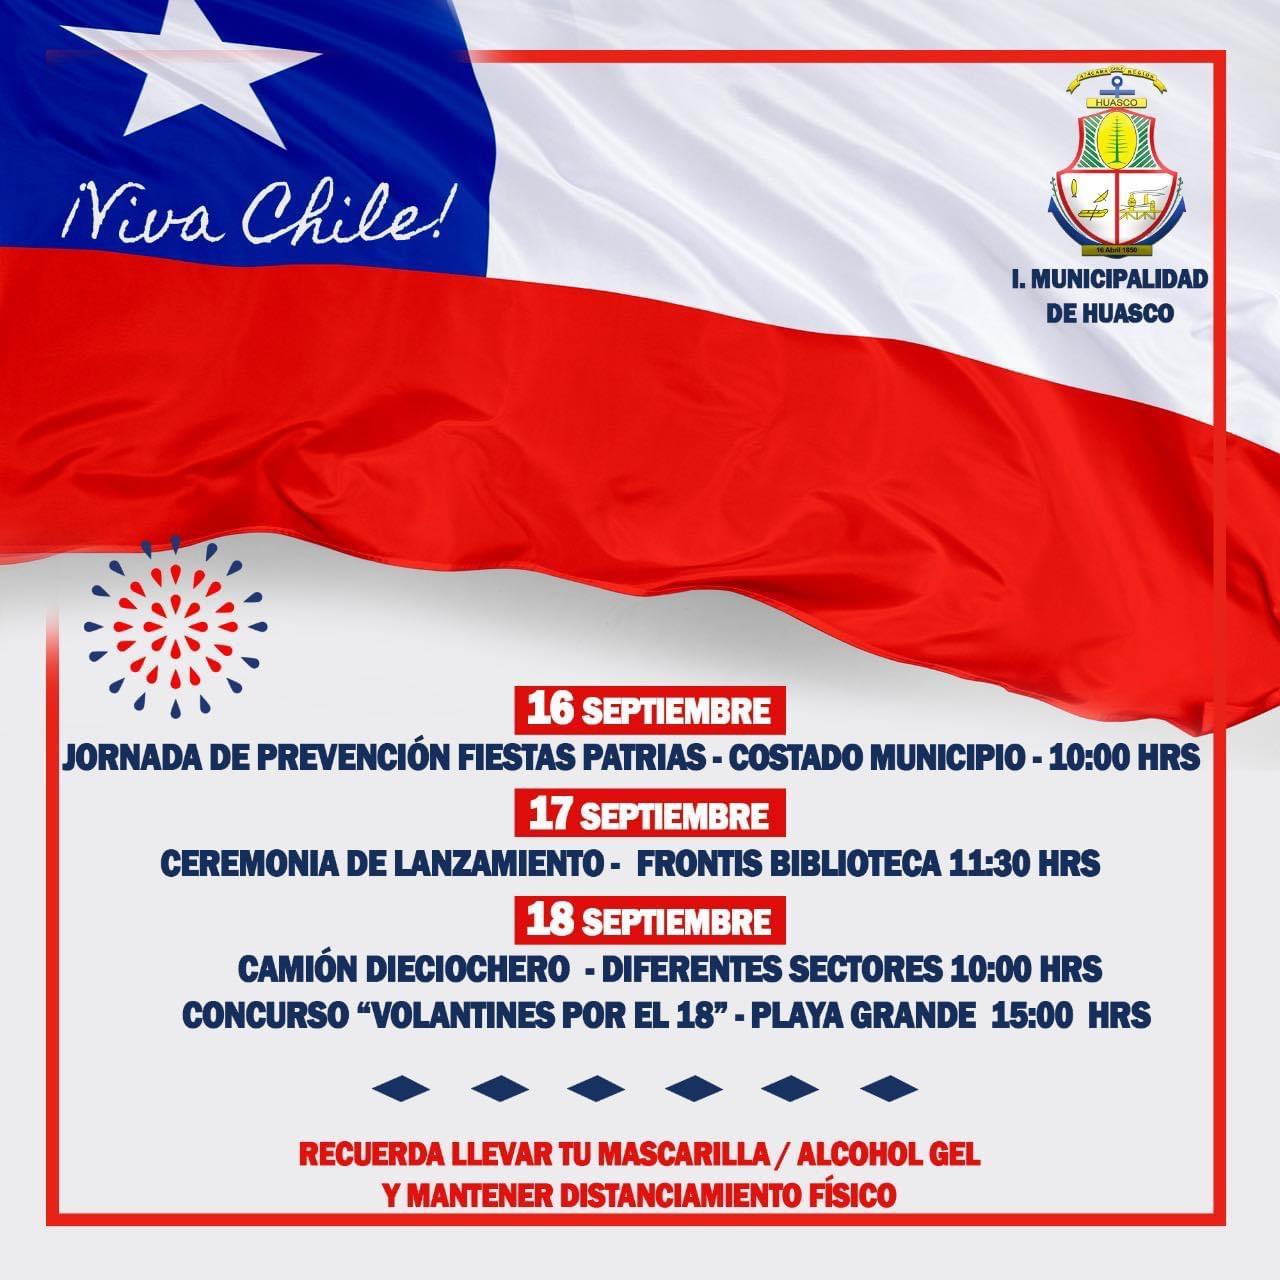 Huasco prepara actividades para celebrar fiestas patrias y alcalde hace un llamo a la responsabilidad y prudencia